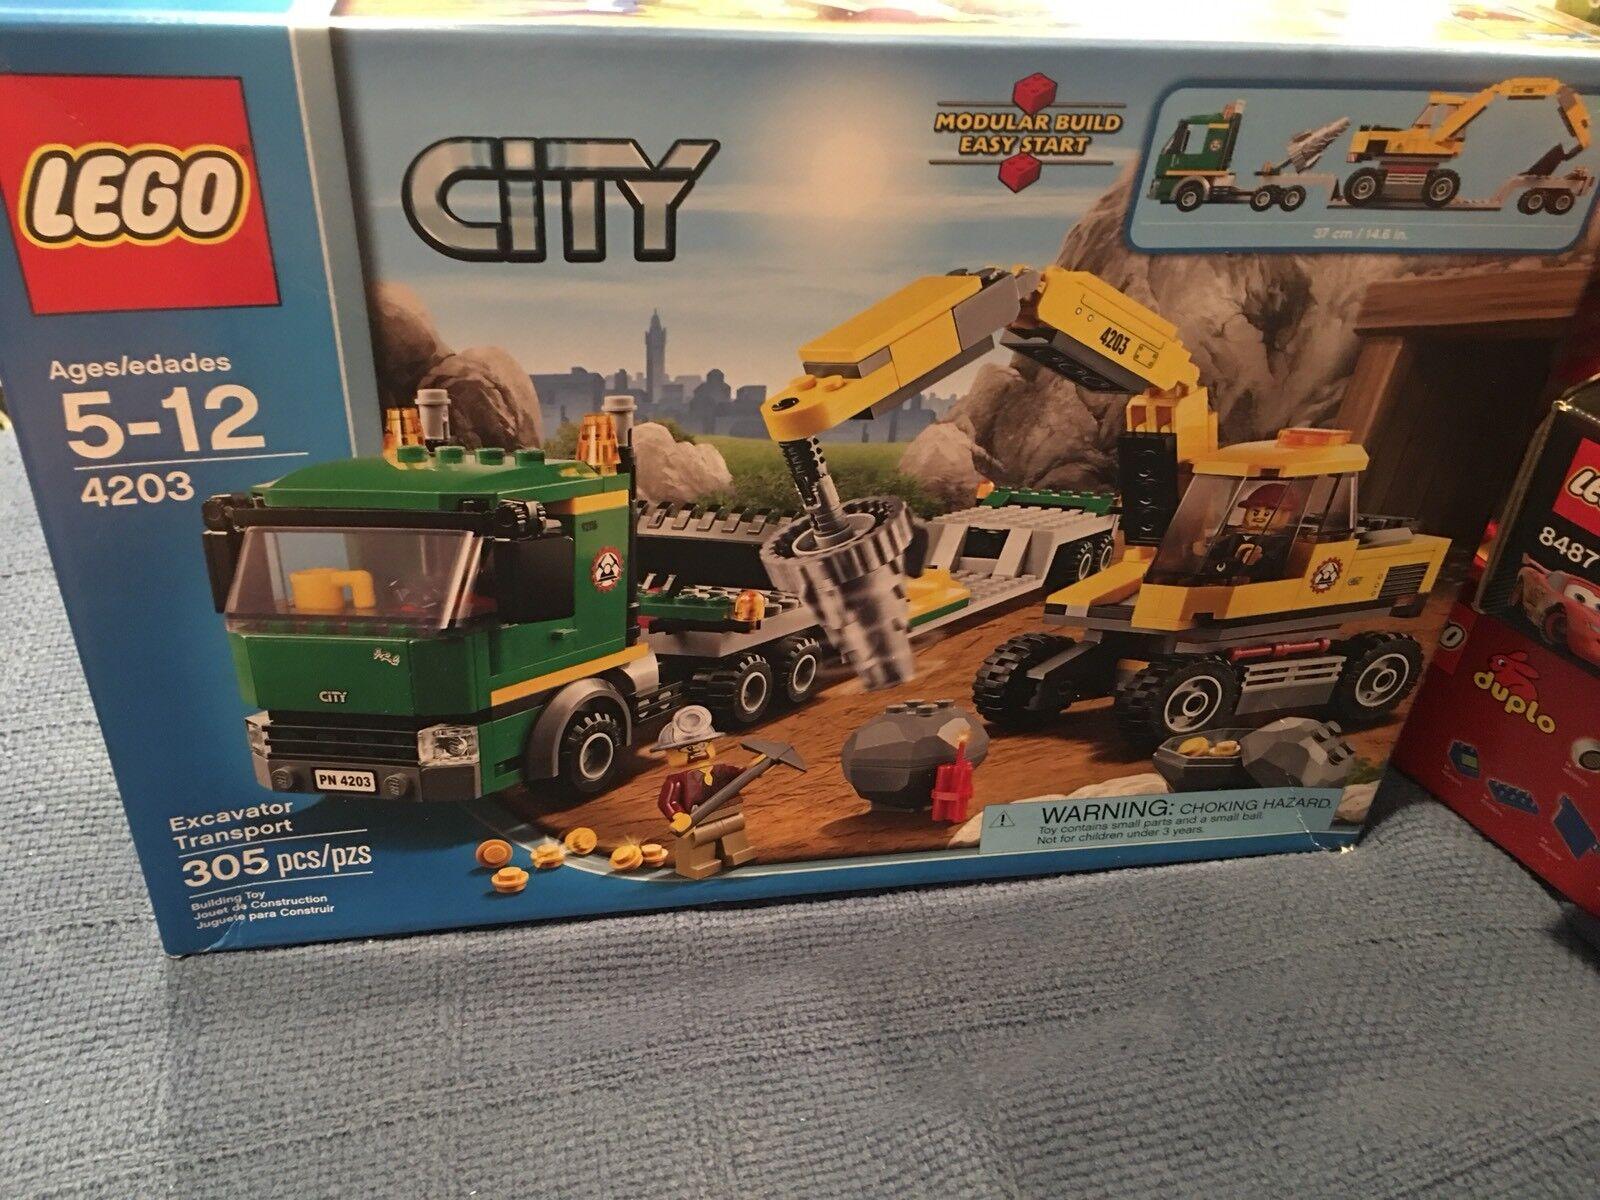 miglior prezzo migliore LEGO LEGO LEGO Excavator Transport Set 4203 - nuovo  Ritorno di 10 giorni